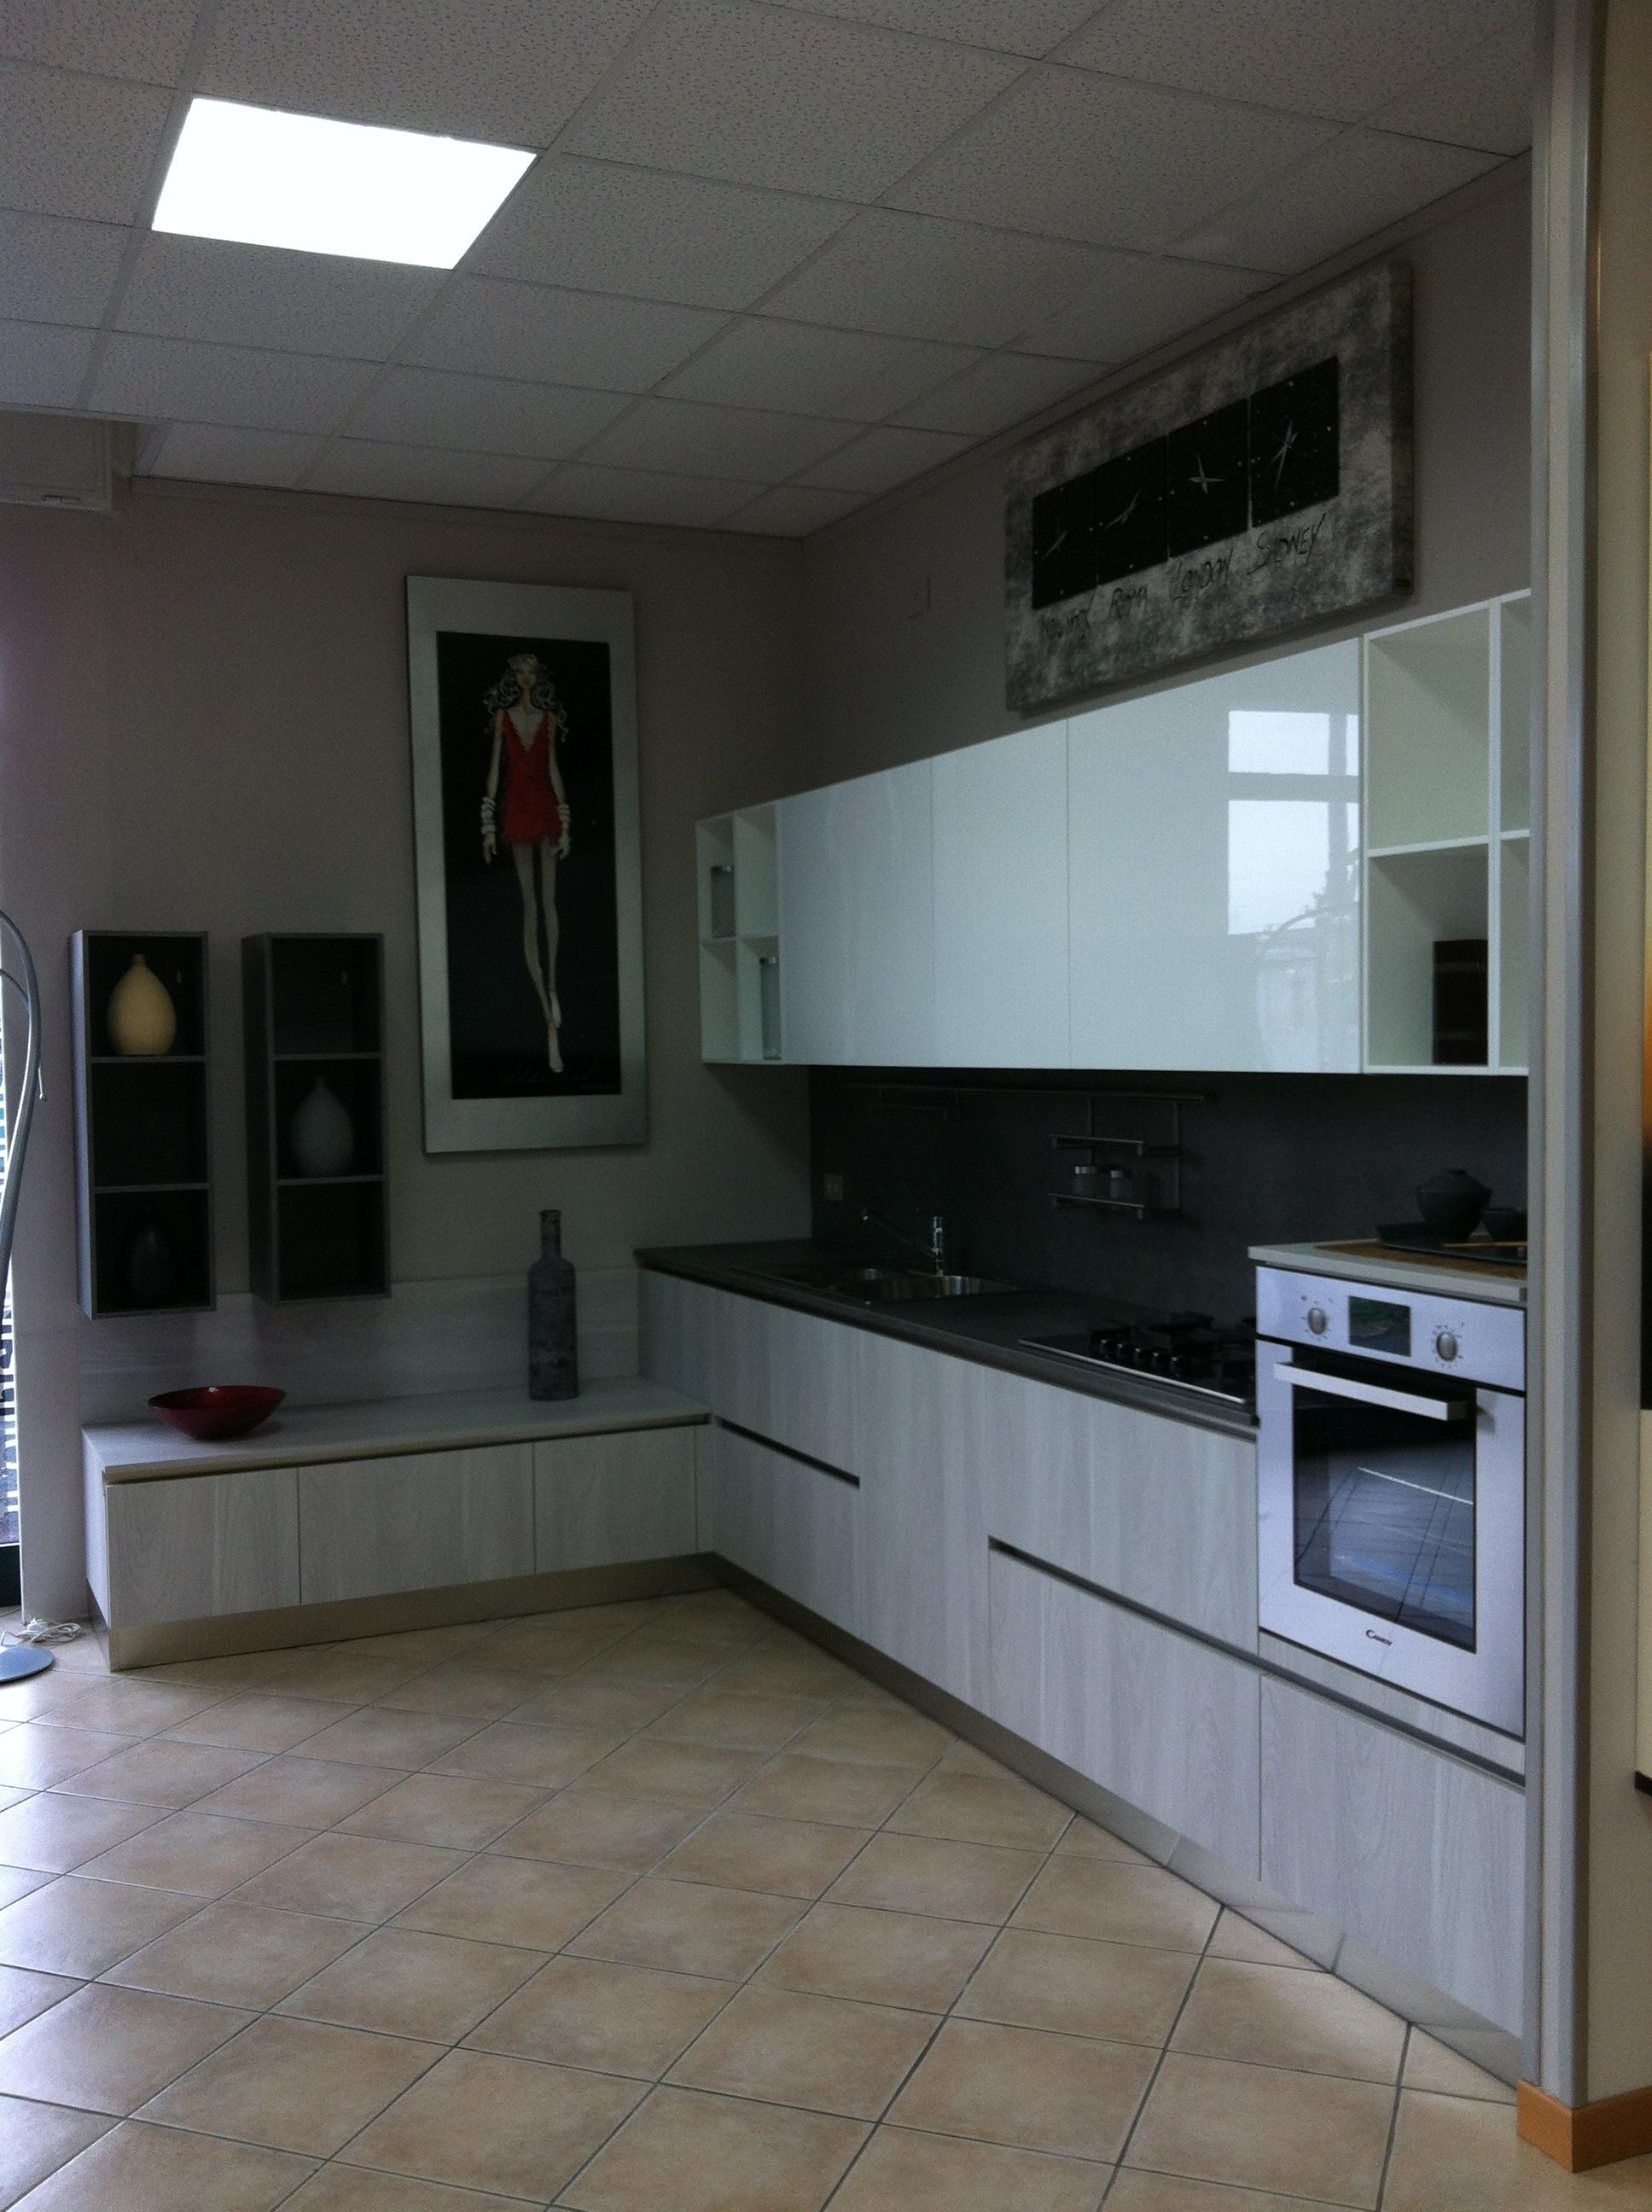 Offerte Cucine Scavolini Napoli : Esposizione cucine roma interesting cucina lineare da